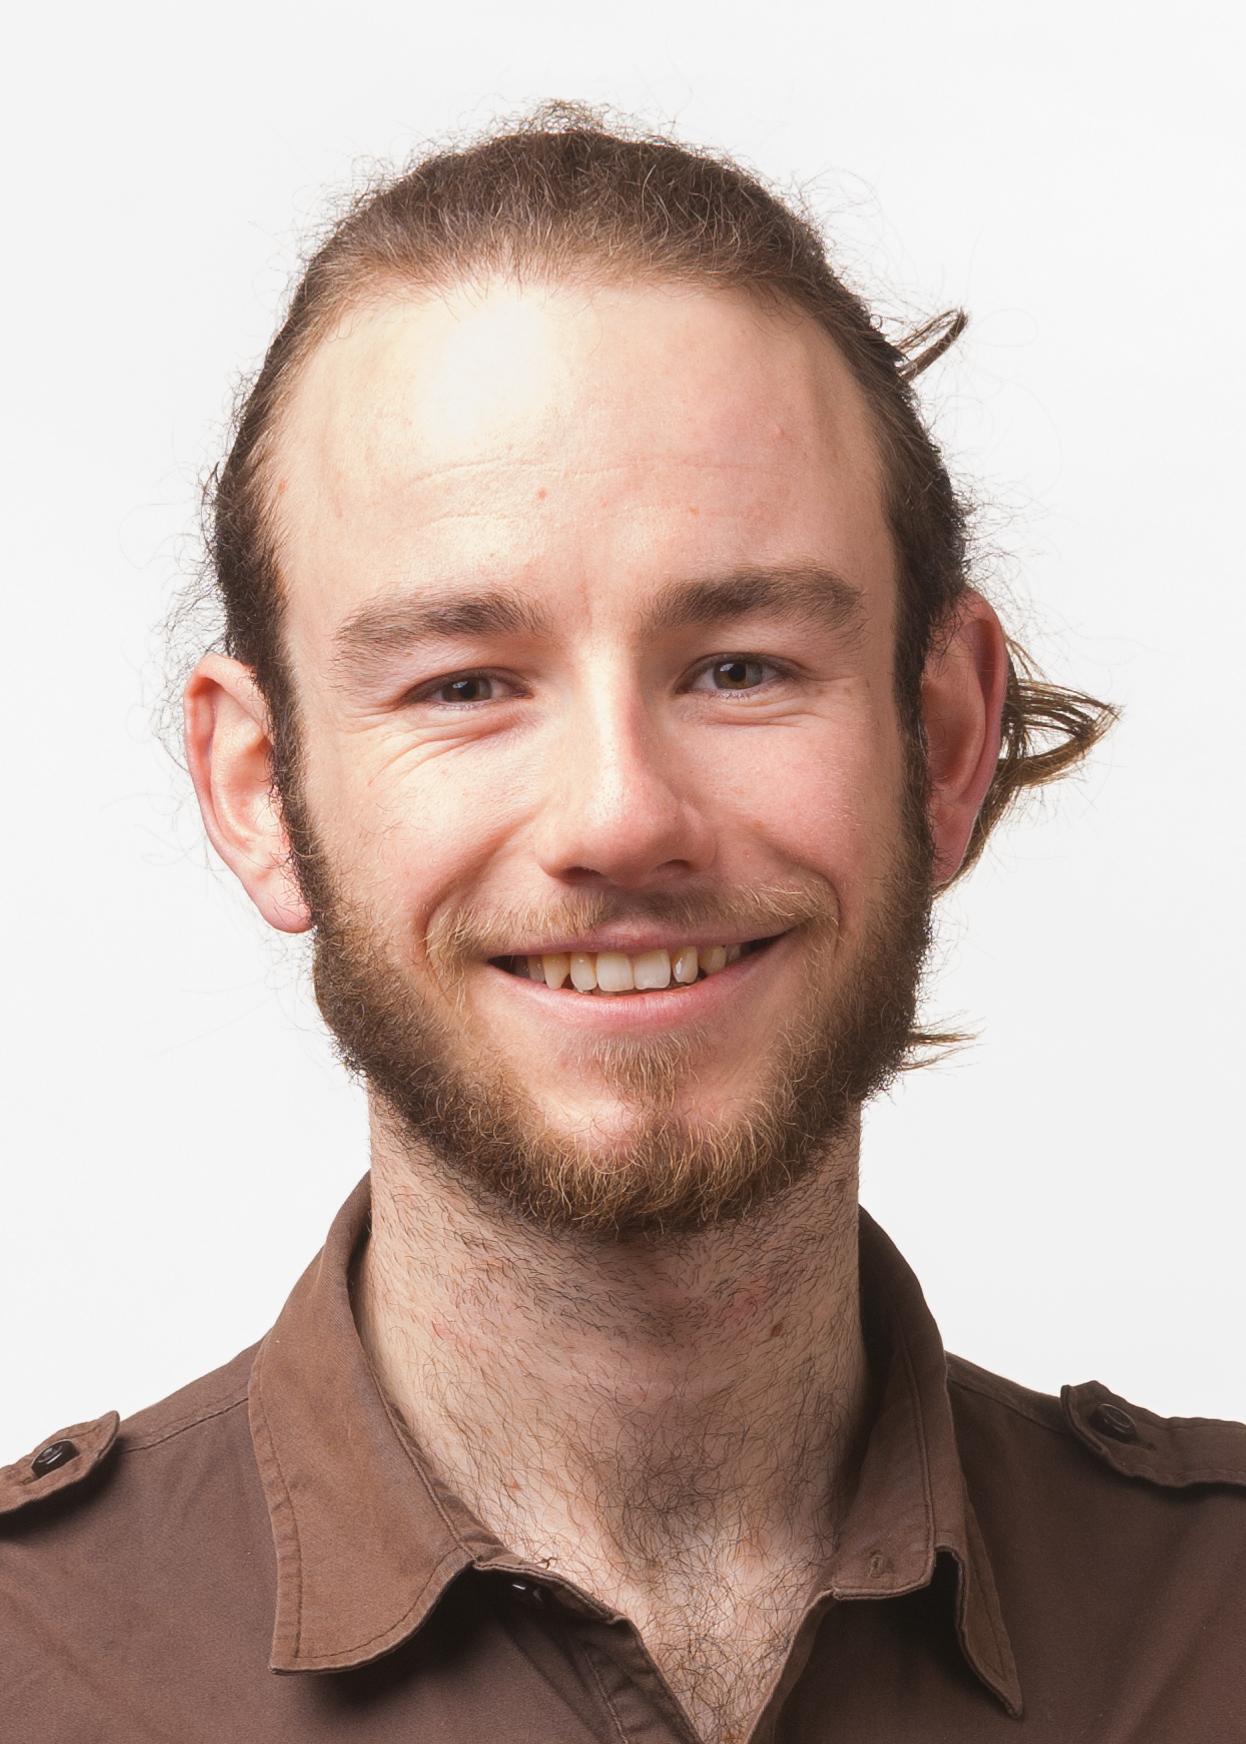 Finn Boyle